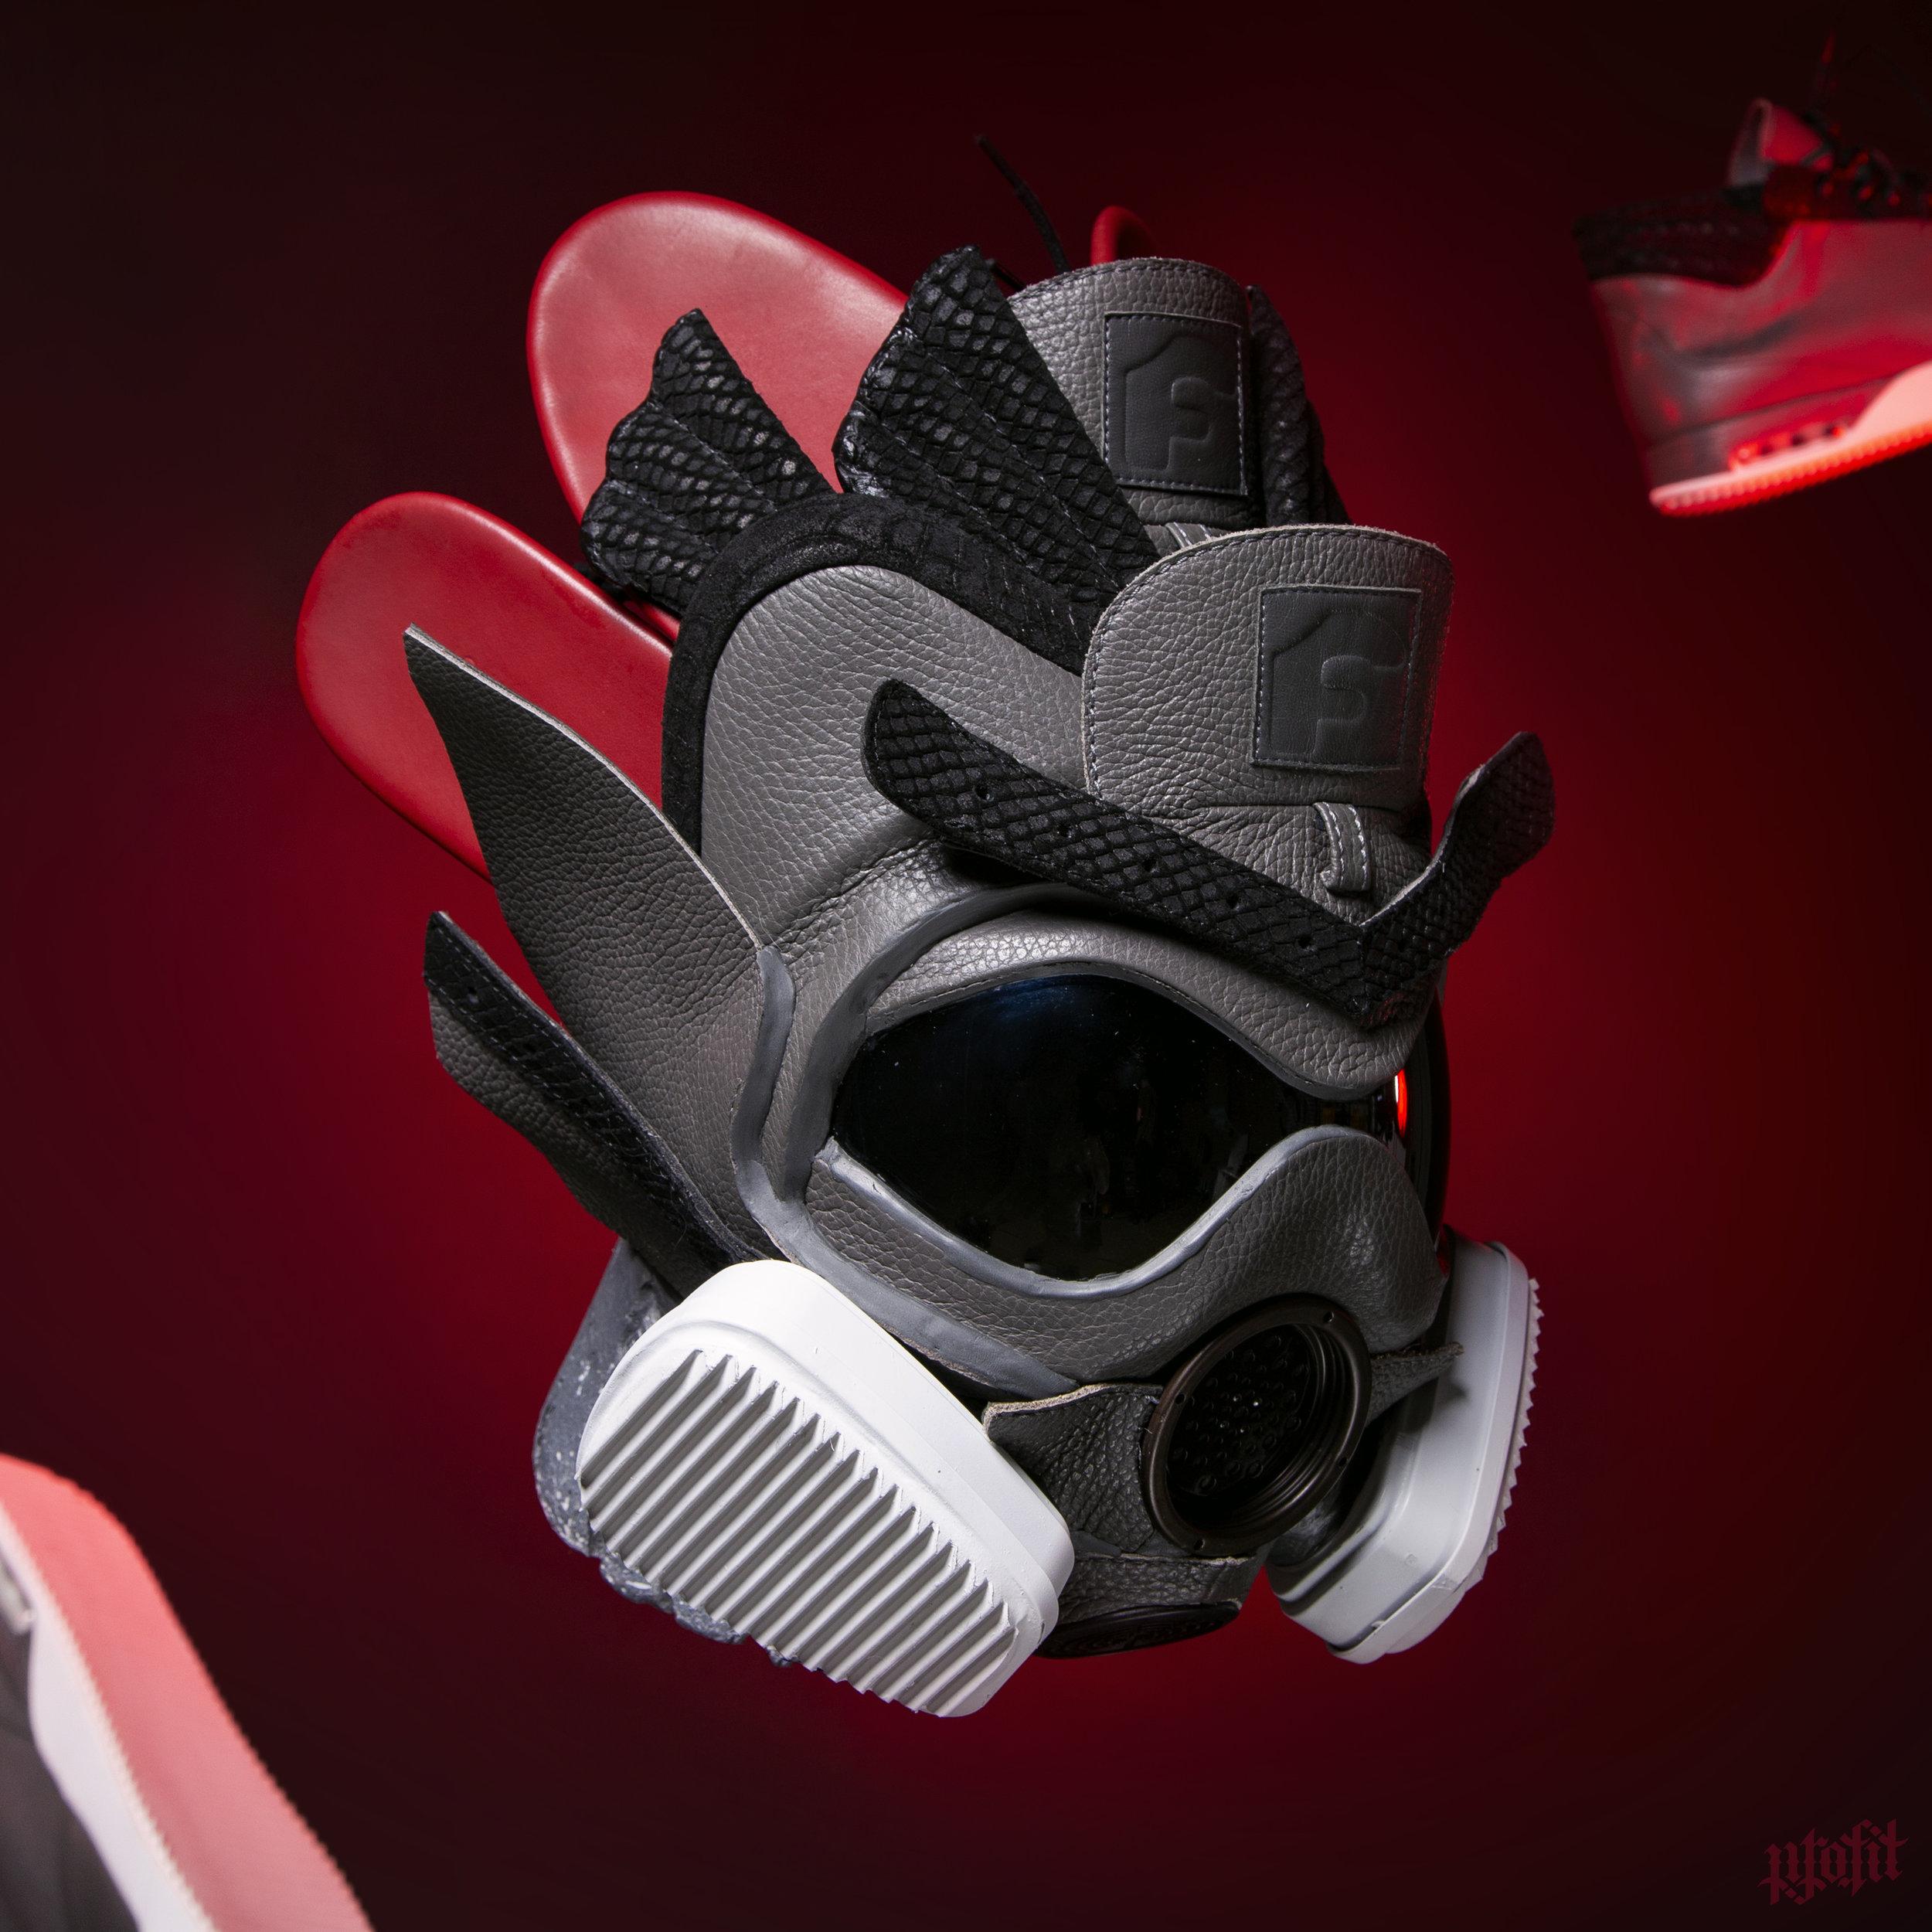 IG 184 Forgiato x John Geiger 001 Gas Mask 11.jpg